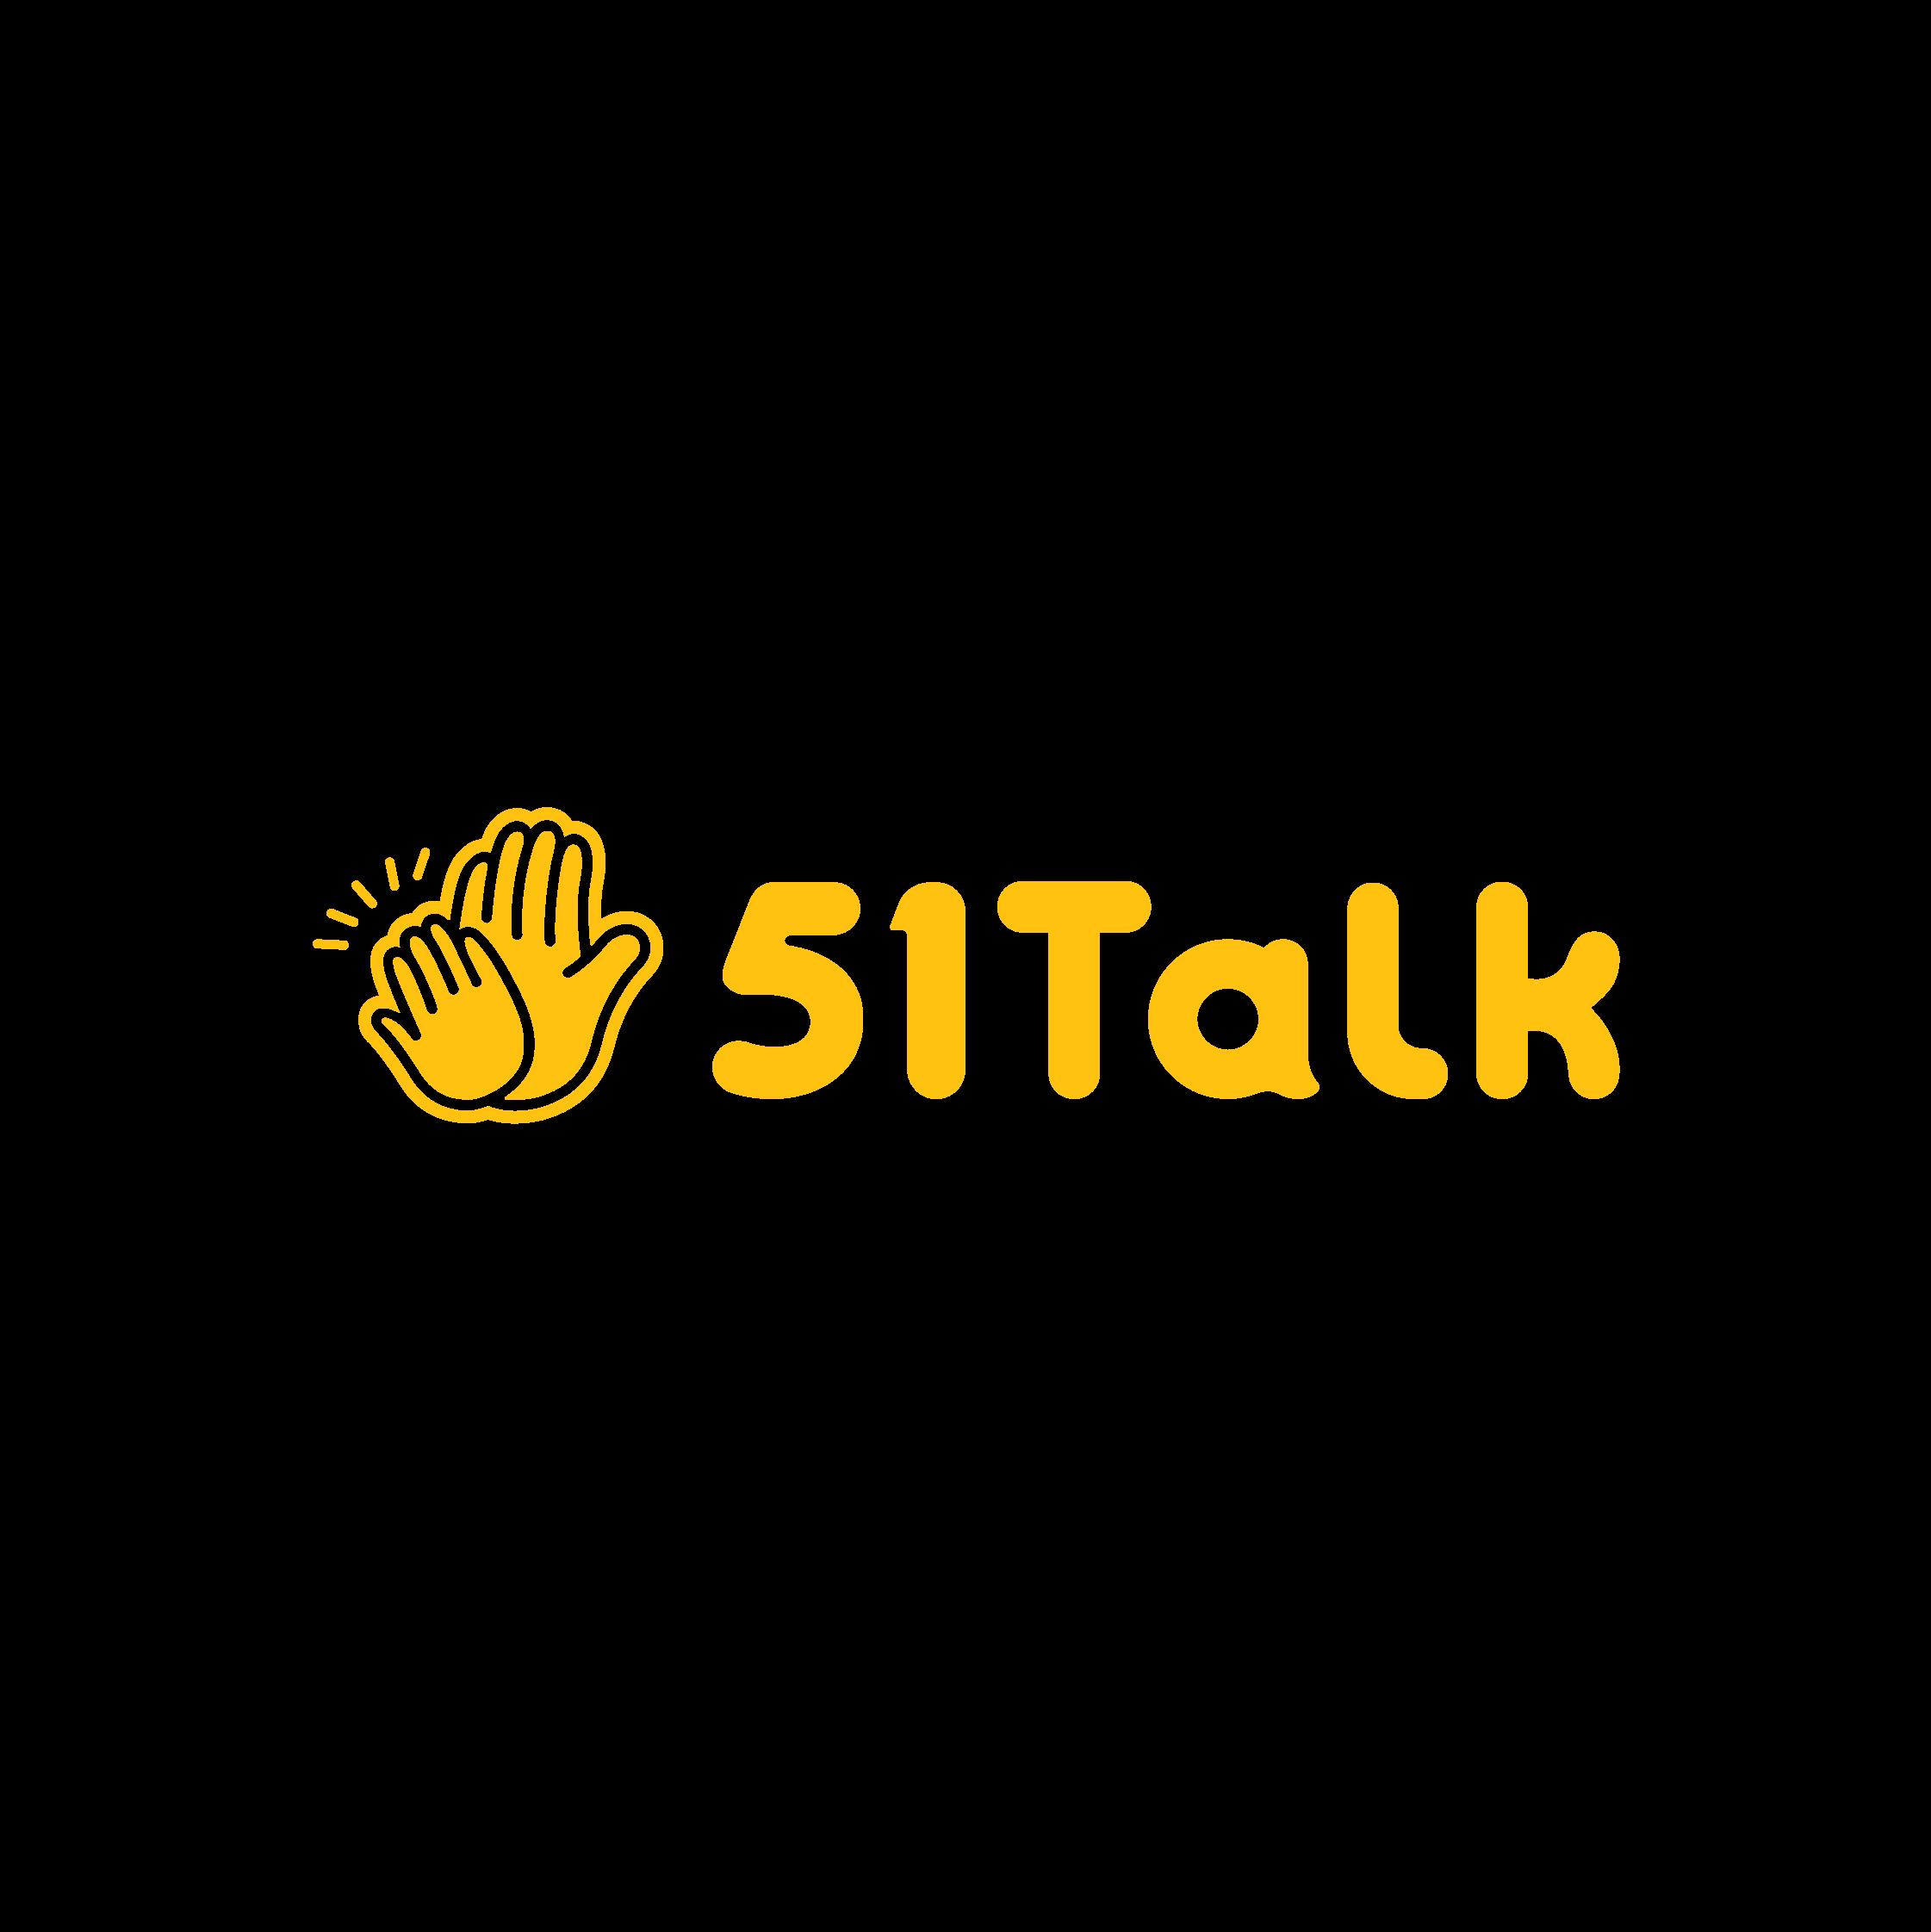 银川怎么在网上招人+51Talk 无忧英语